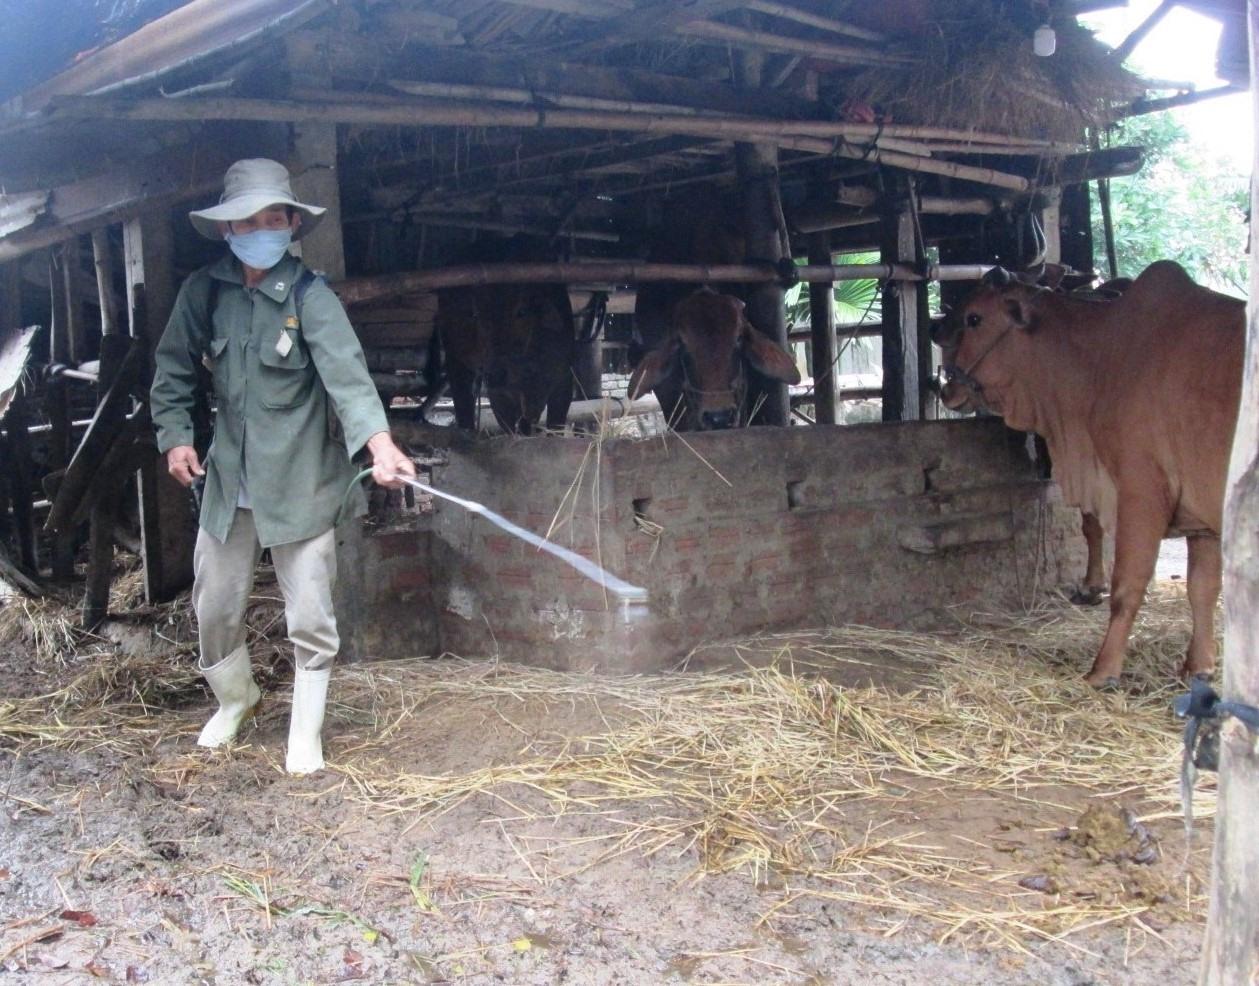 Thường xuyên phun hóa chất tiêu độc khử trùng chuồng trại để hạn chế nguy cơ dịch bệnh xuất hiện.  Ảnh: VĂN SỰ